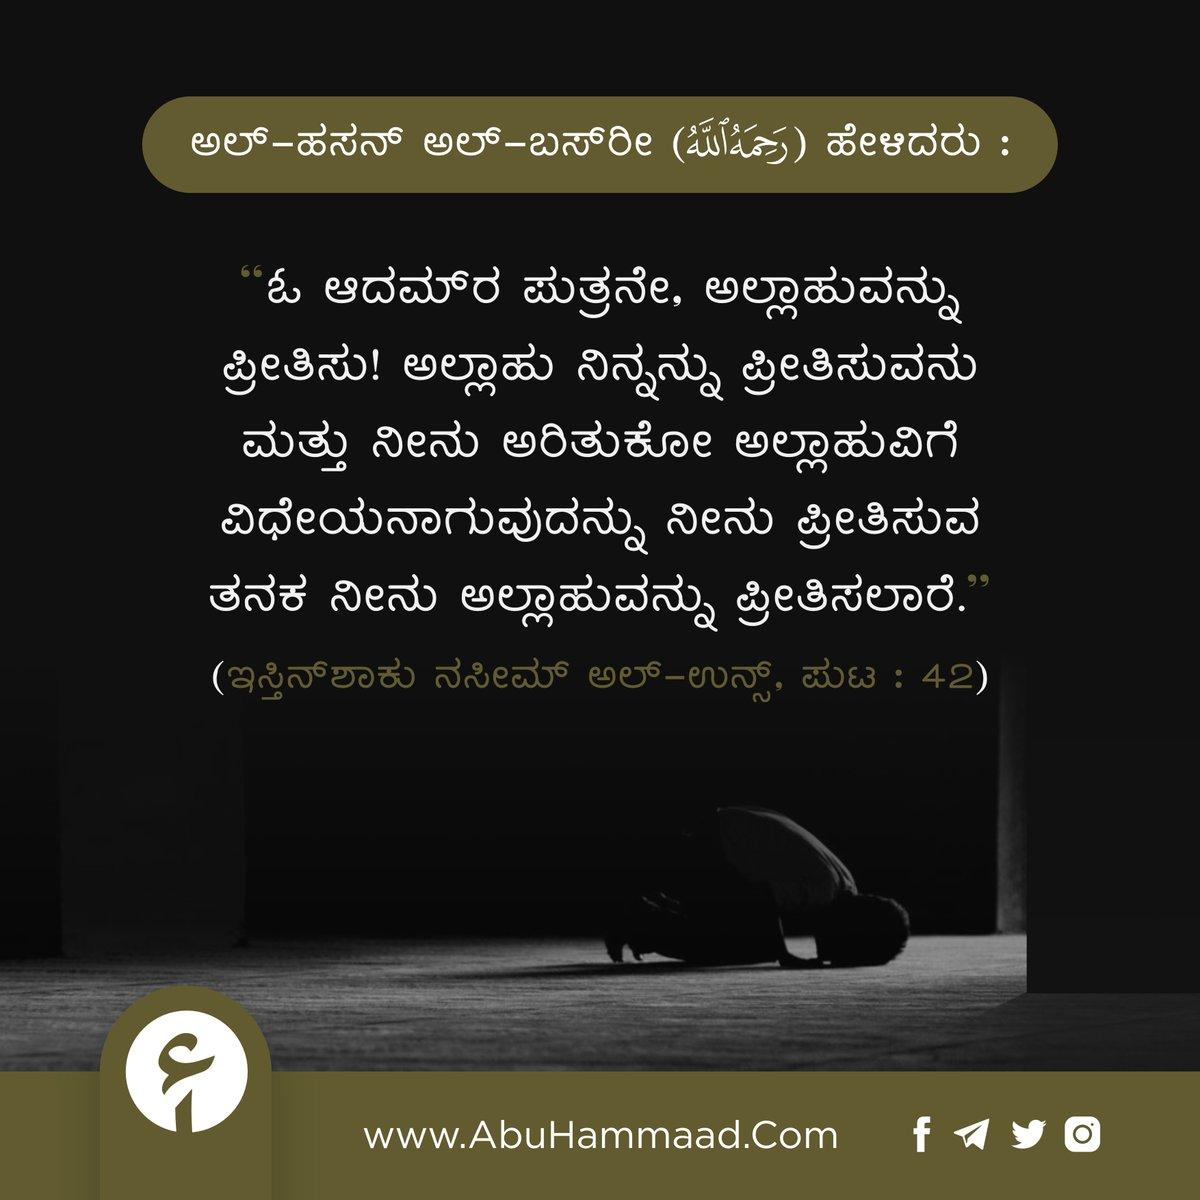 ನೀನು ಅಲ್ಲಾಹುವನ್ನು ಪ್ರೀತಿಸುವುದಾದರೆ...  . . #islamkannada #kannada #islamickannadaposters #salafikannada #abuhammaad #mangalore #kannadaquotes #karnataka #ಇಸ್ಲಾಂ #ಇಸ್ಲಾಮ್ #ಕನ್ನಡ